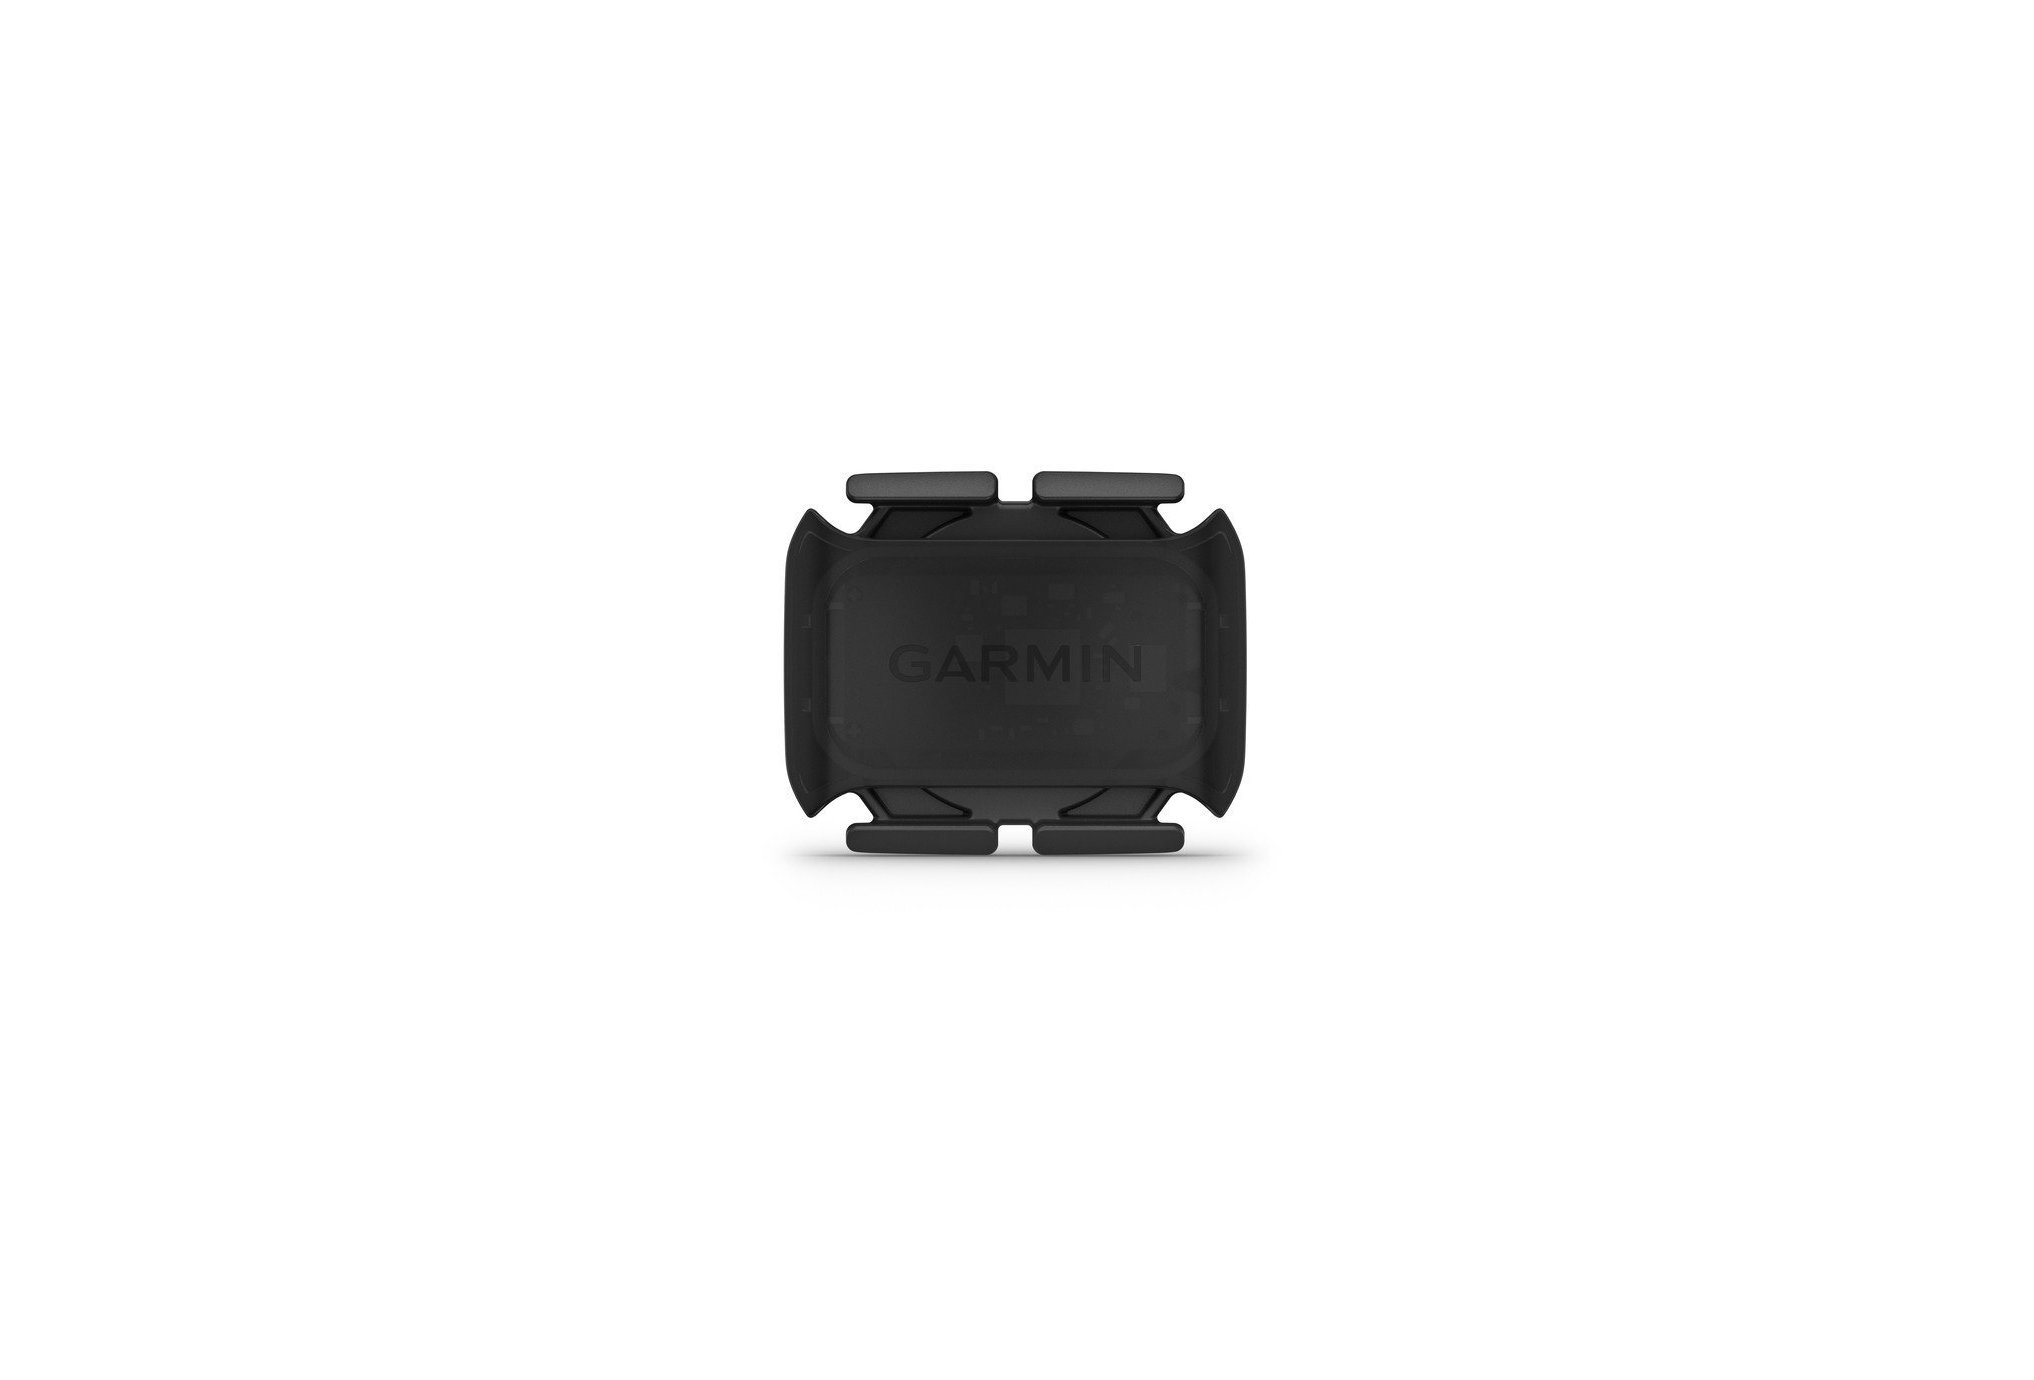 Garmin Capteur de cadence 2 Accessoires montres/ Bracelets